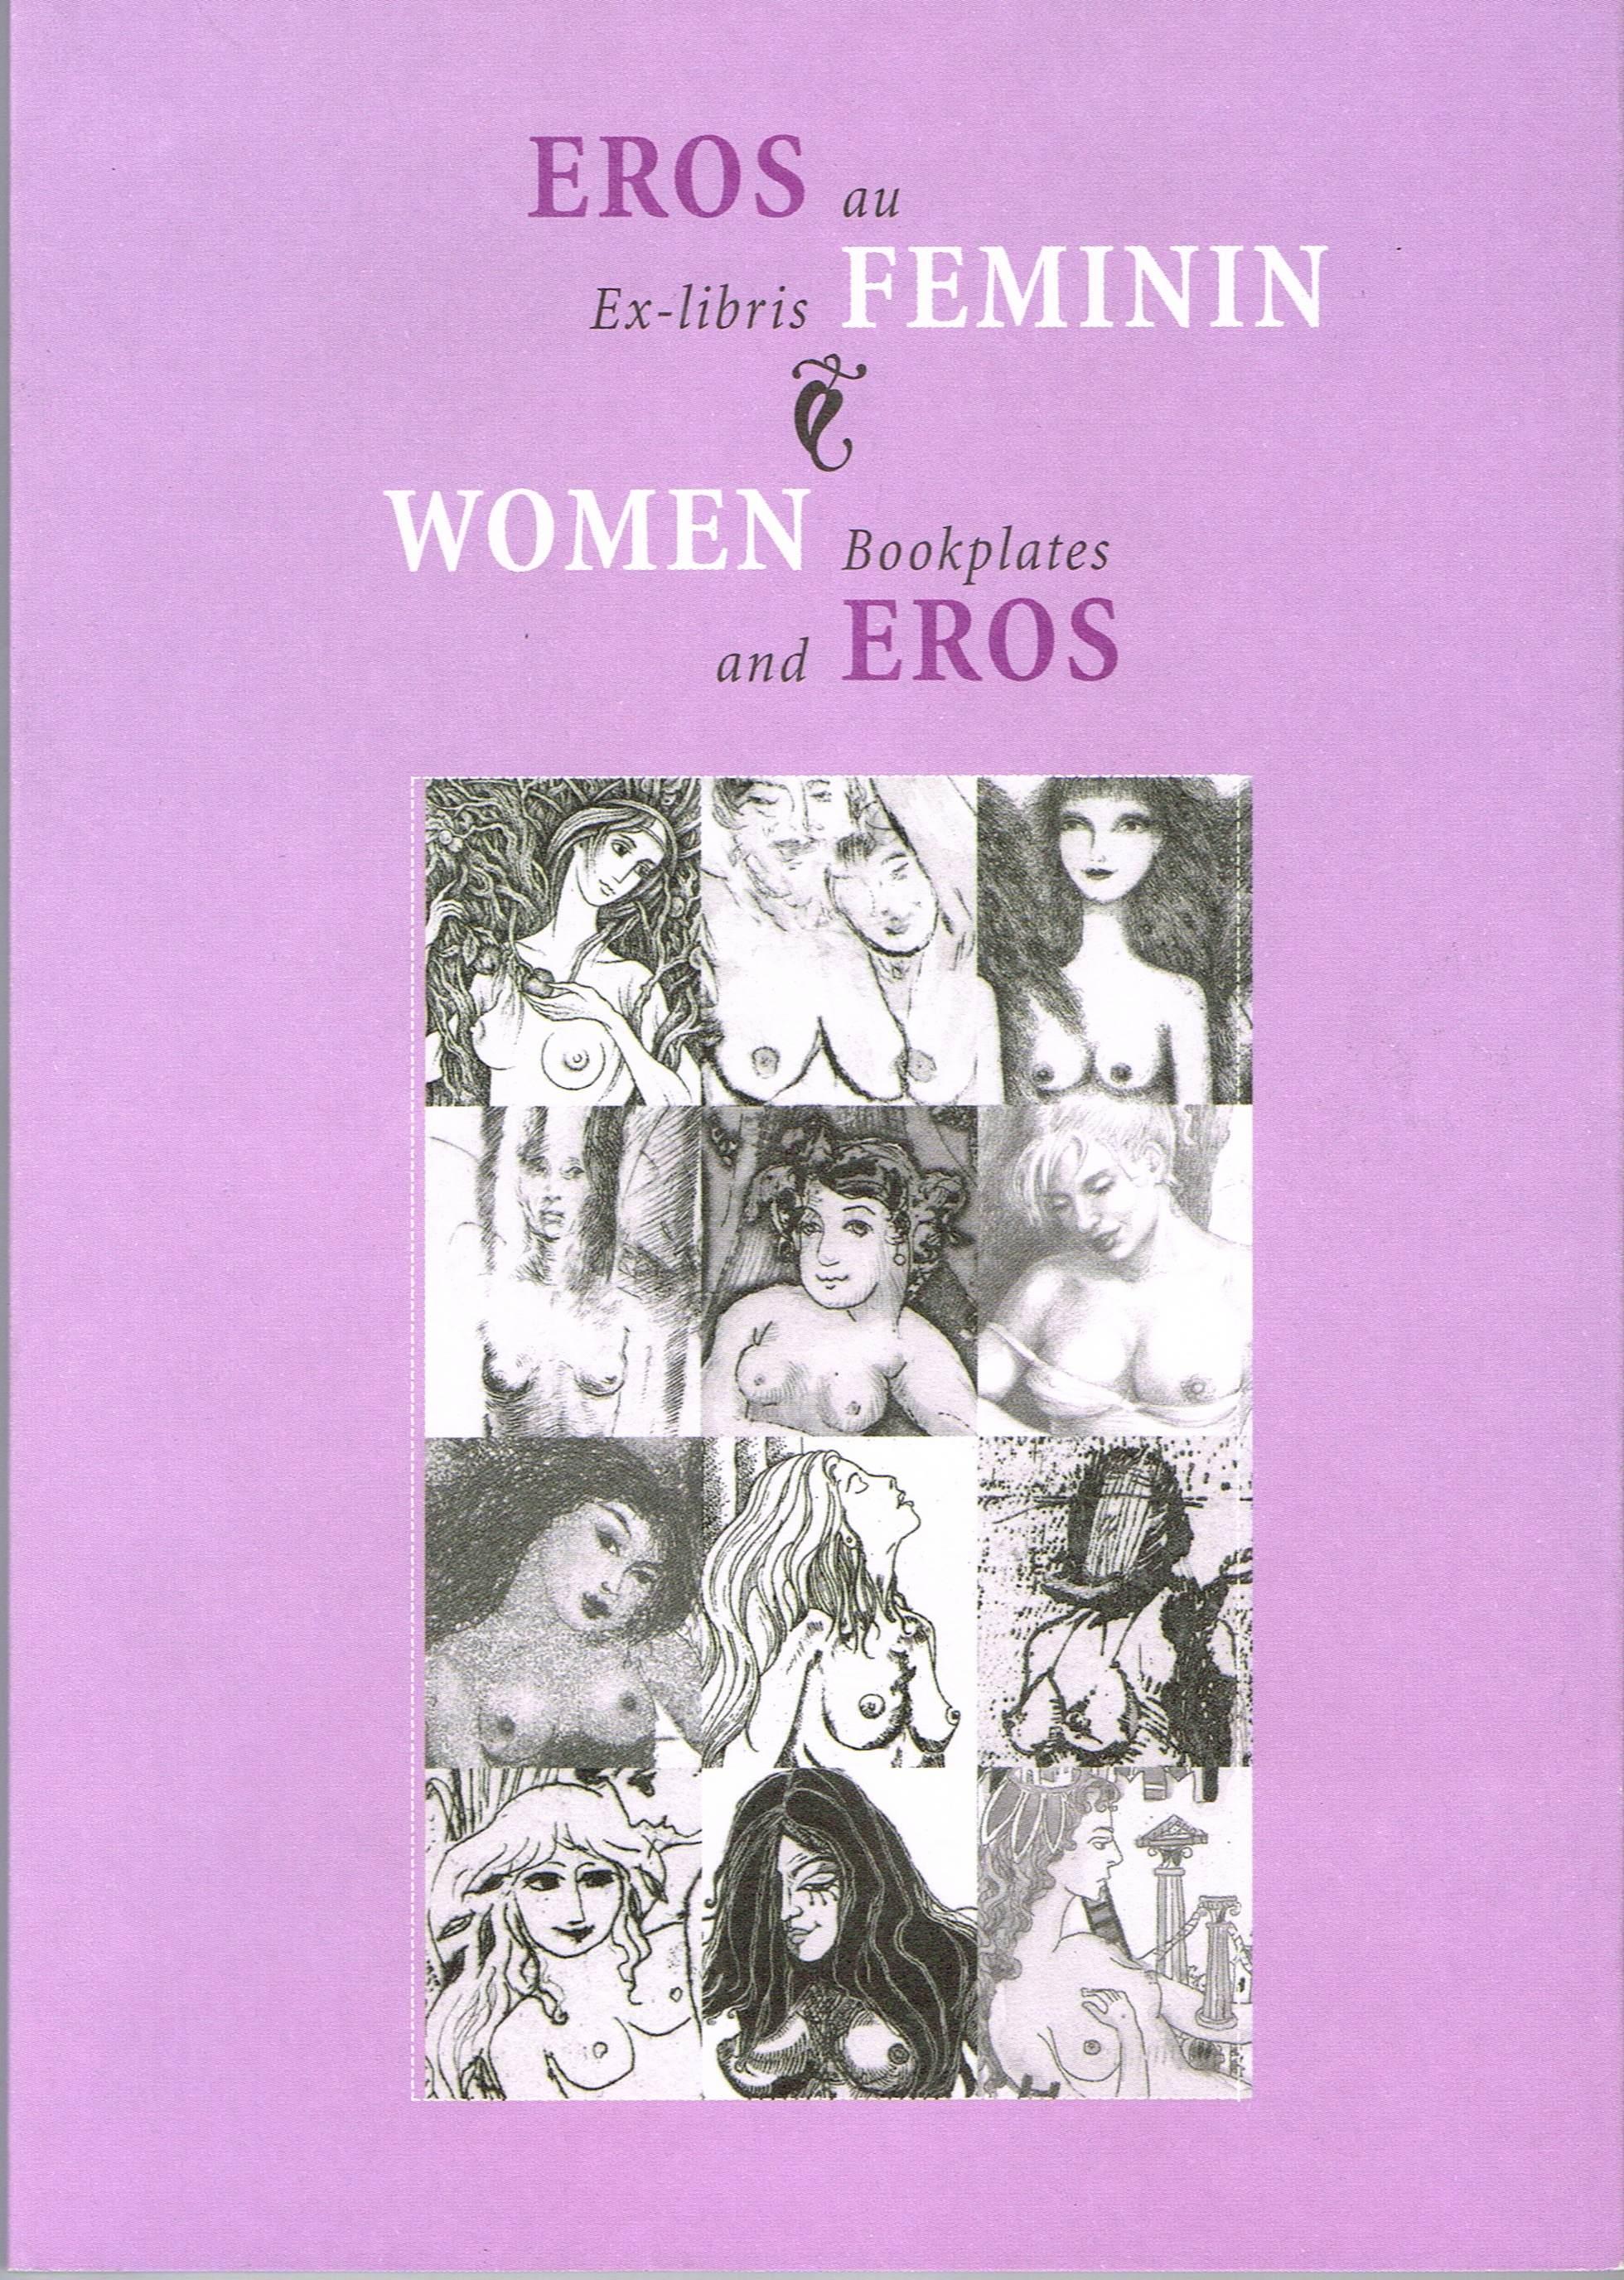 Ex-Libris - Eros au feminin